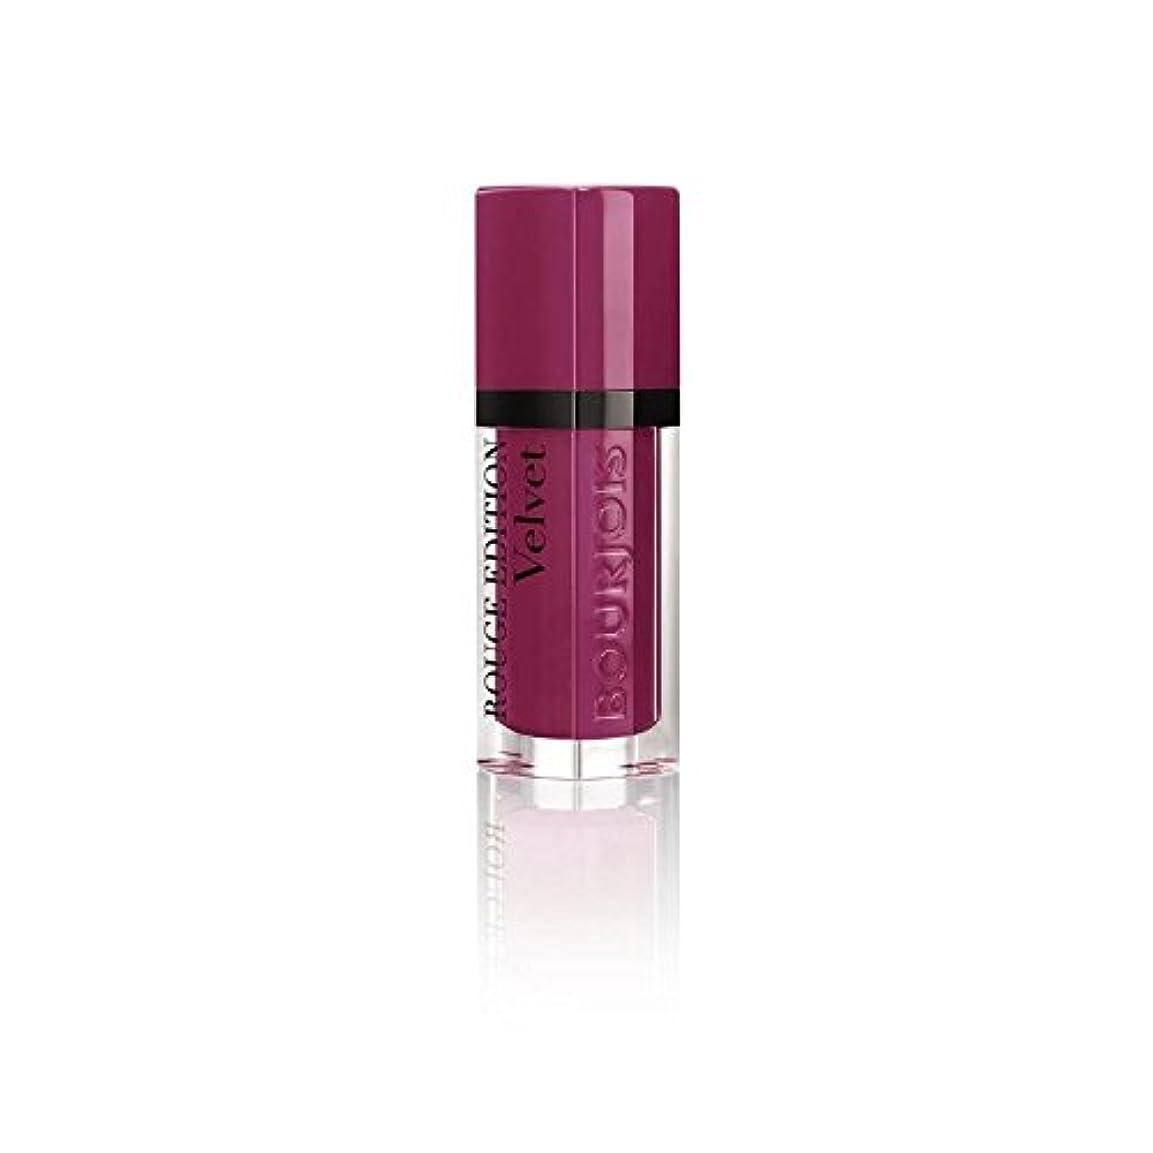 リクルート風景反対ルージュ版のベルベットの口紅、梅梅の女の子の8ミリリットル (Bourjois) - Bourjois Rouge Edition Velvet Lipstick, Plum Plum Girl 8ml [並行輸入品]